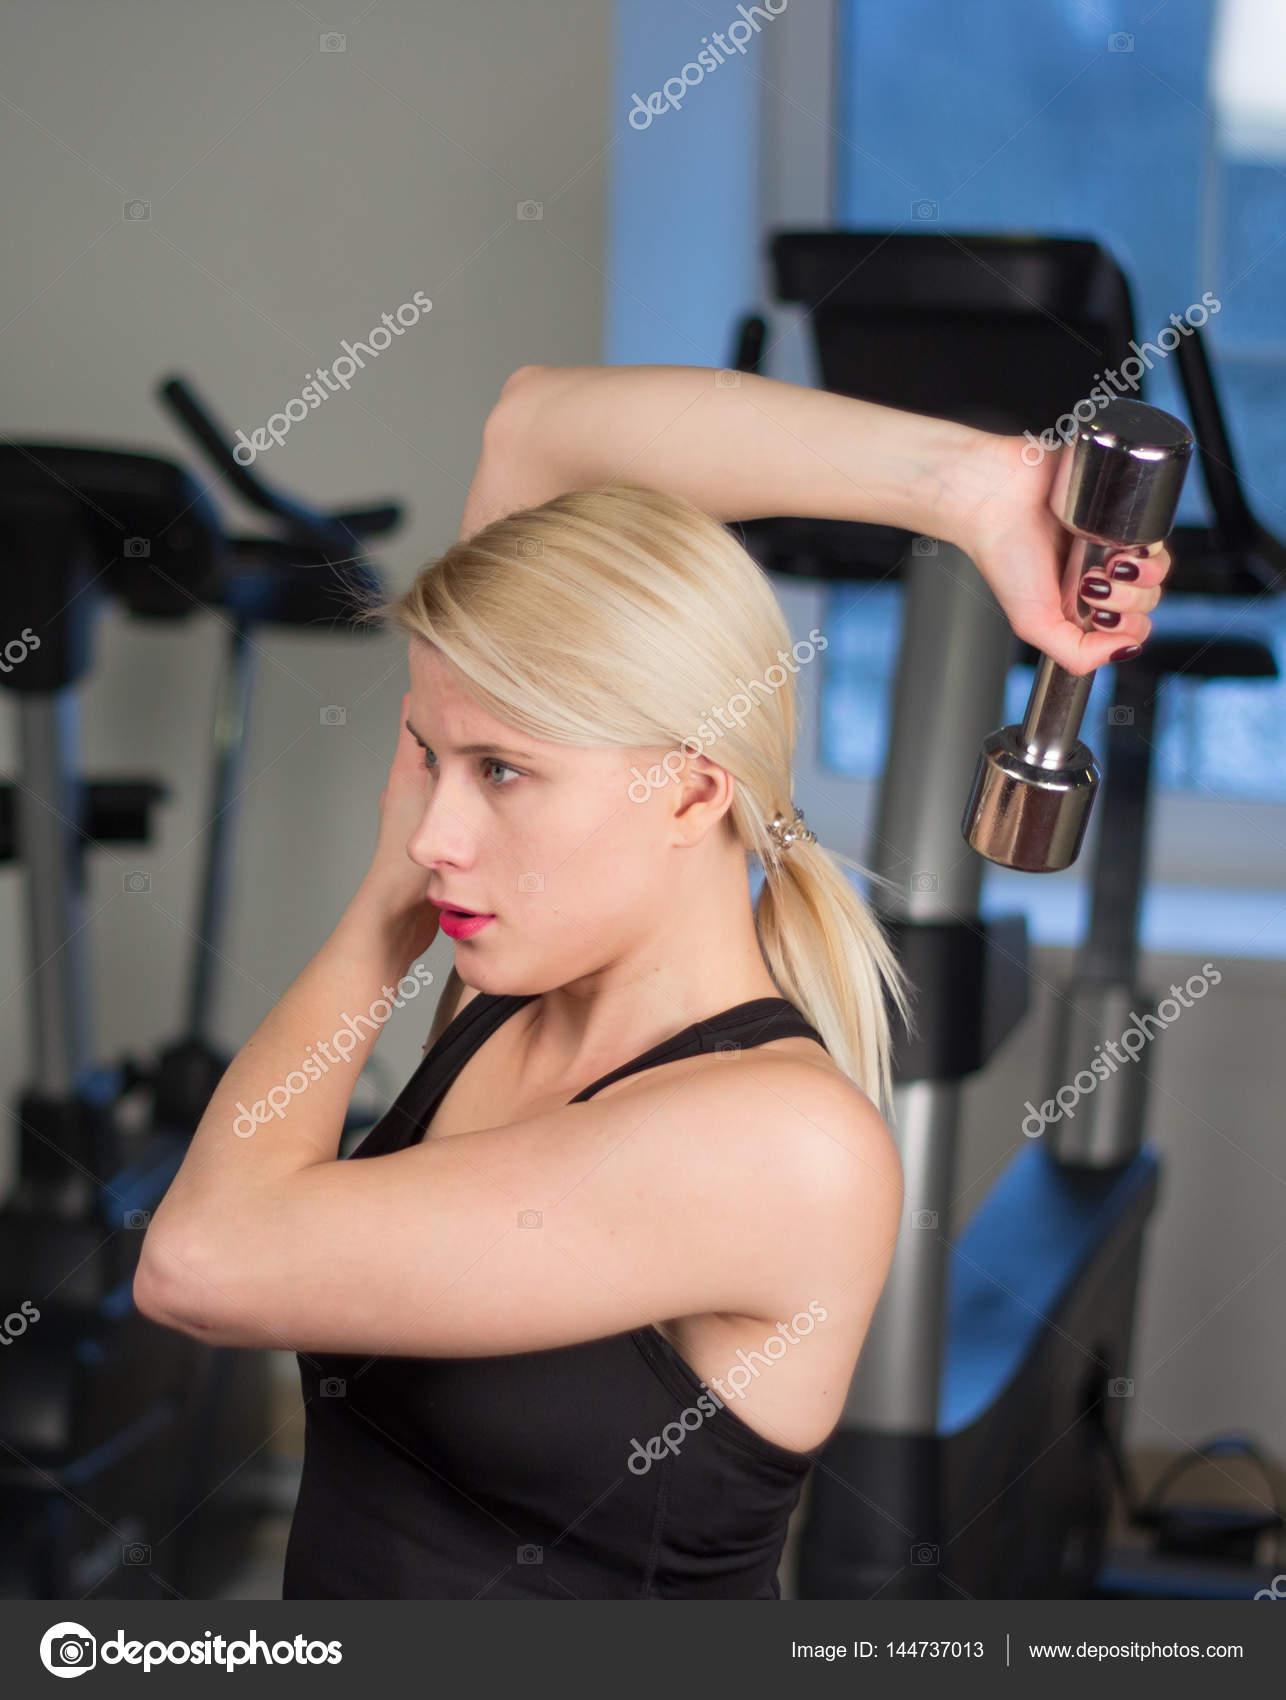 Женский спортзал сексуальные девушки